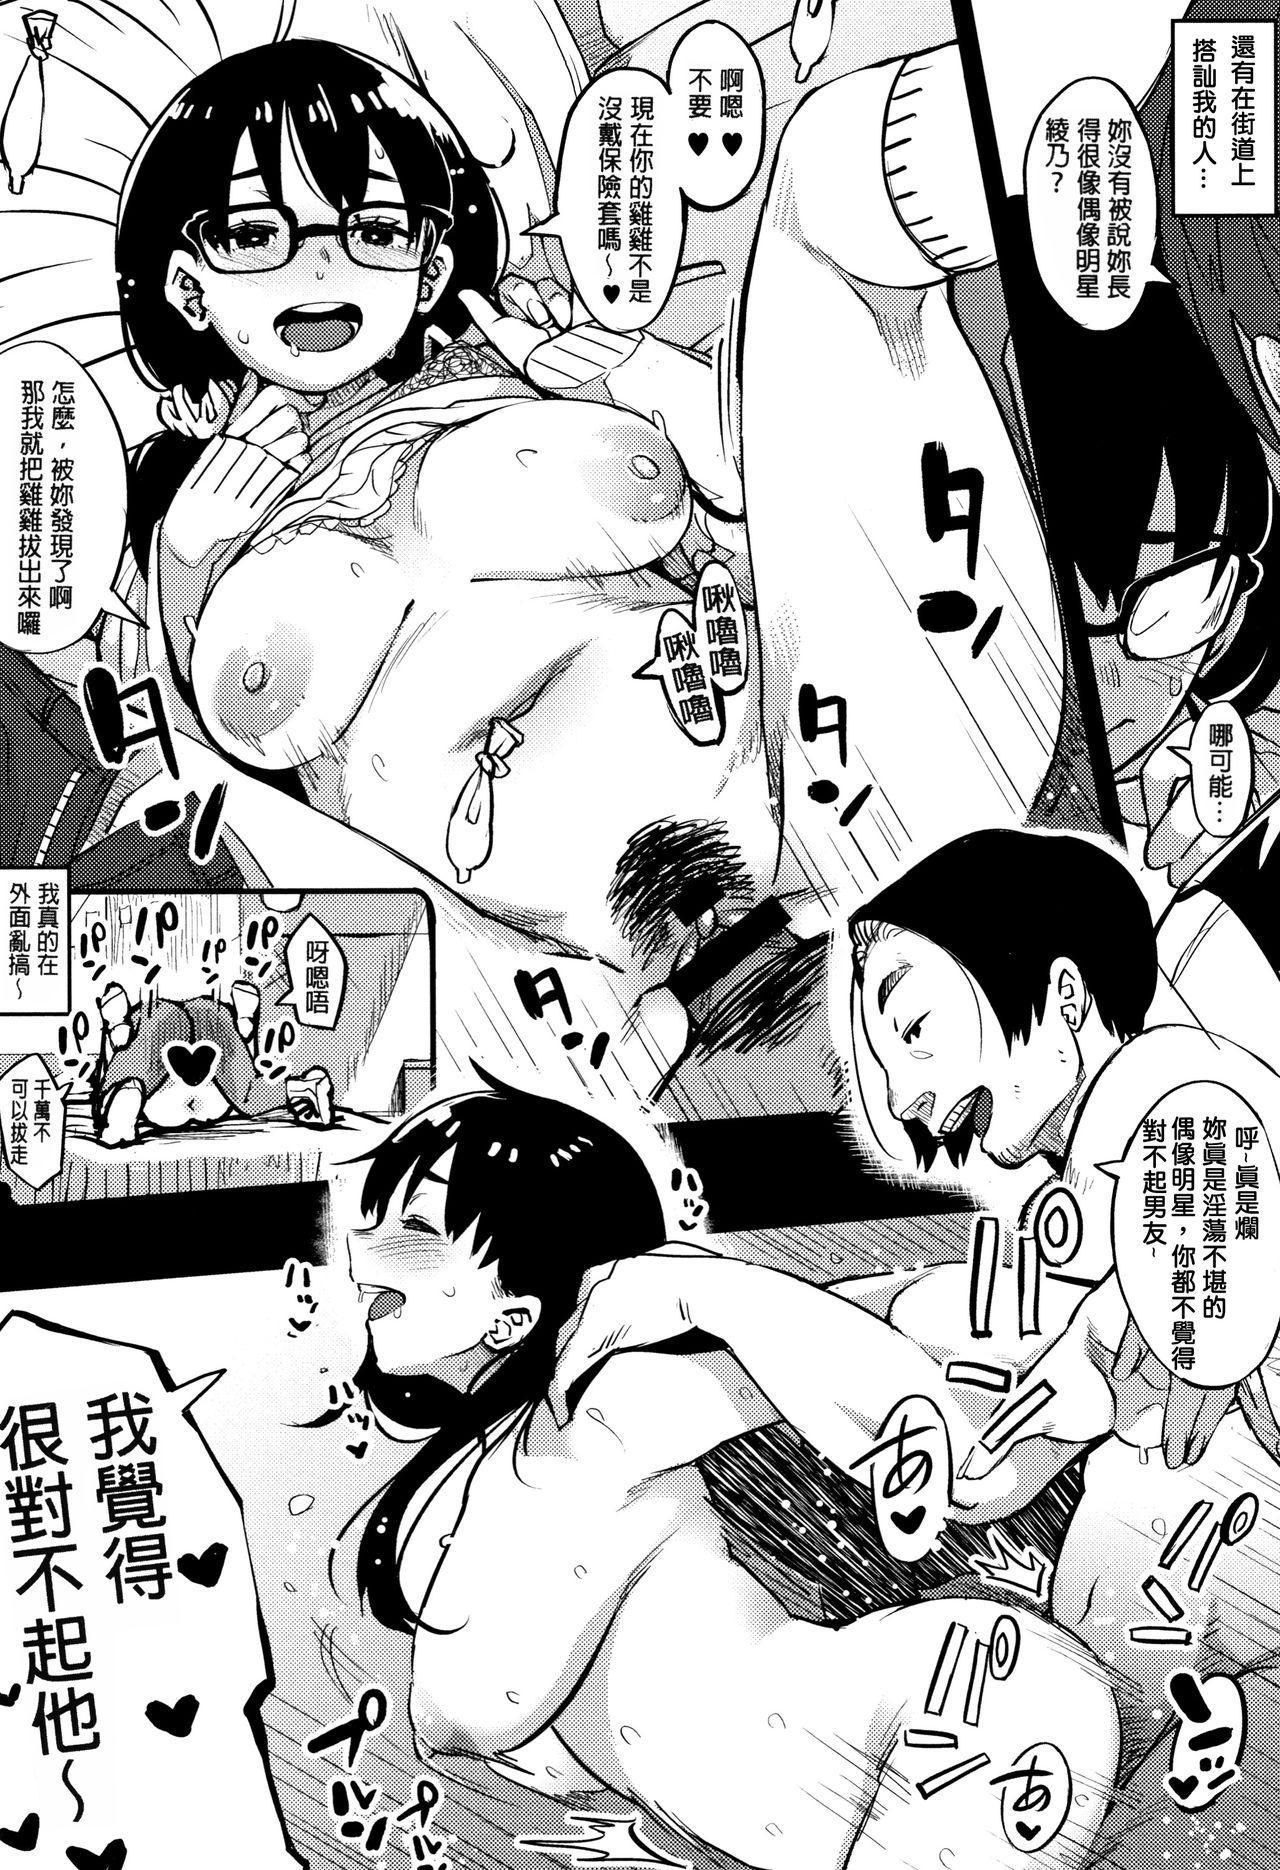 Girigiri Idol Ch. 3 14